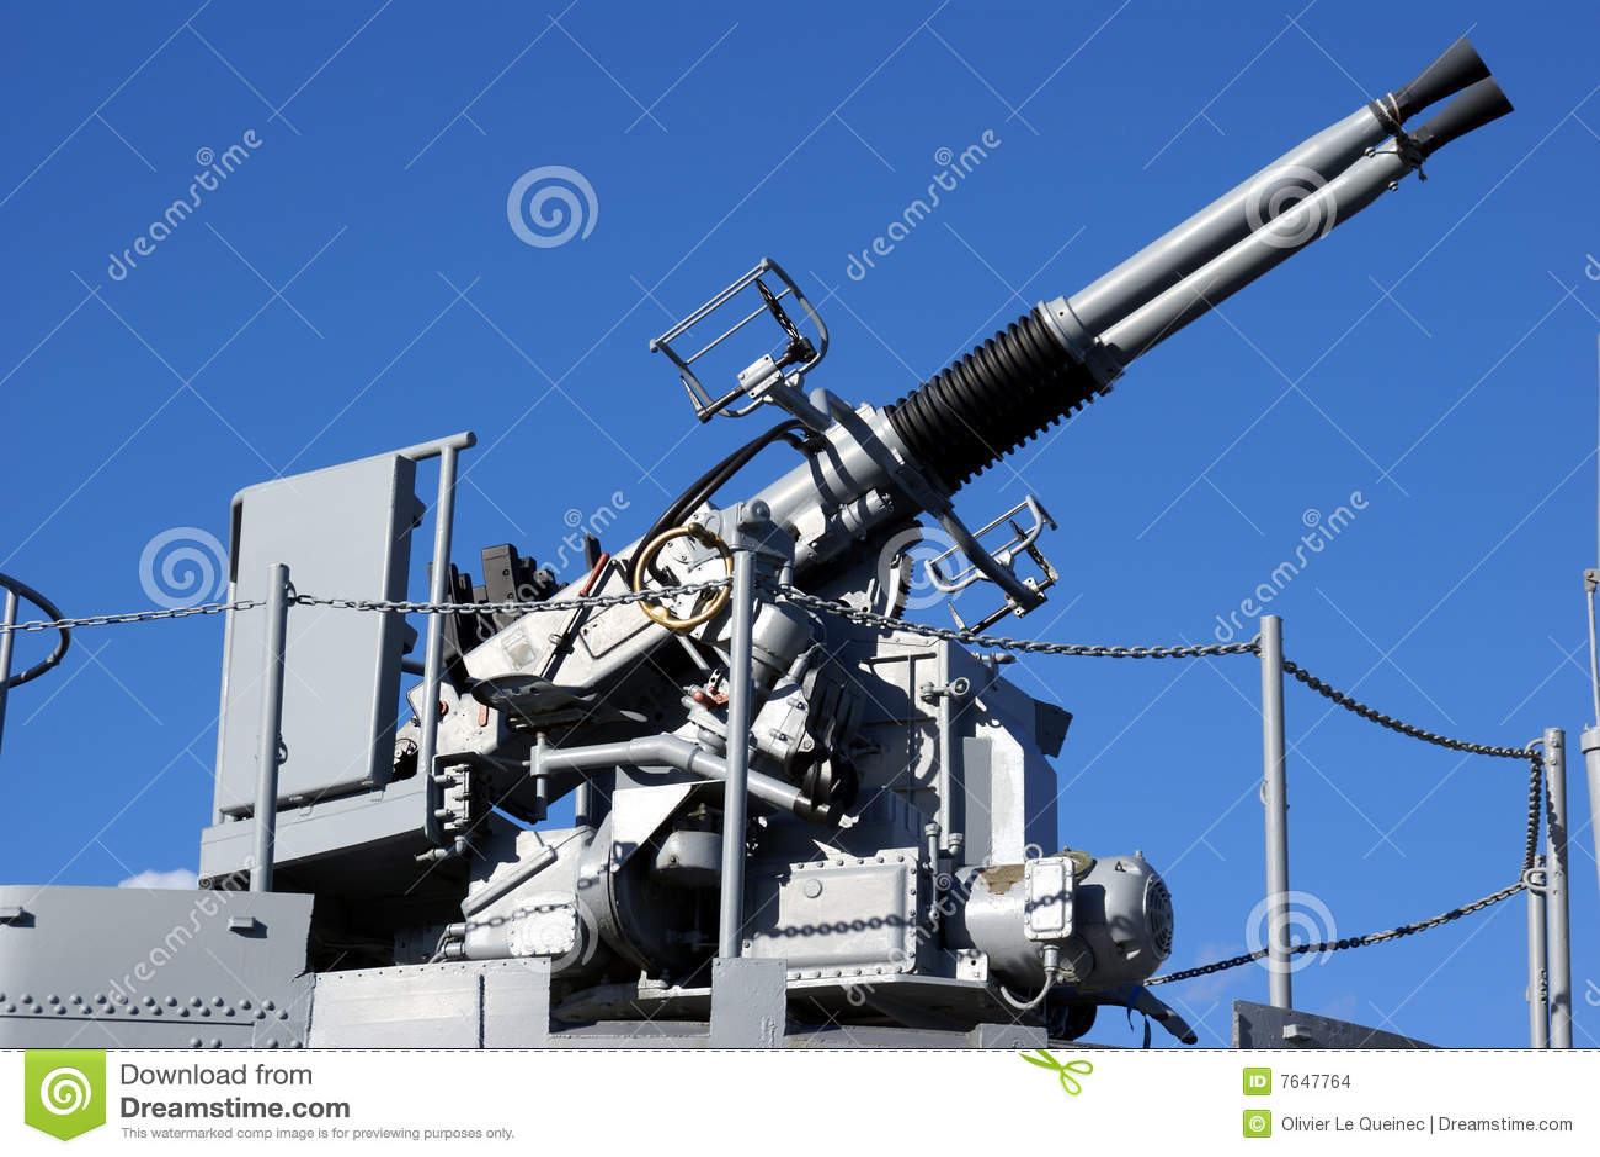 Navy Defense Travel System